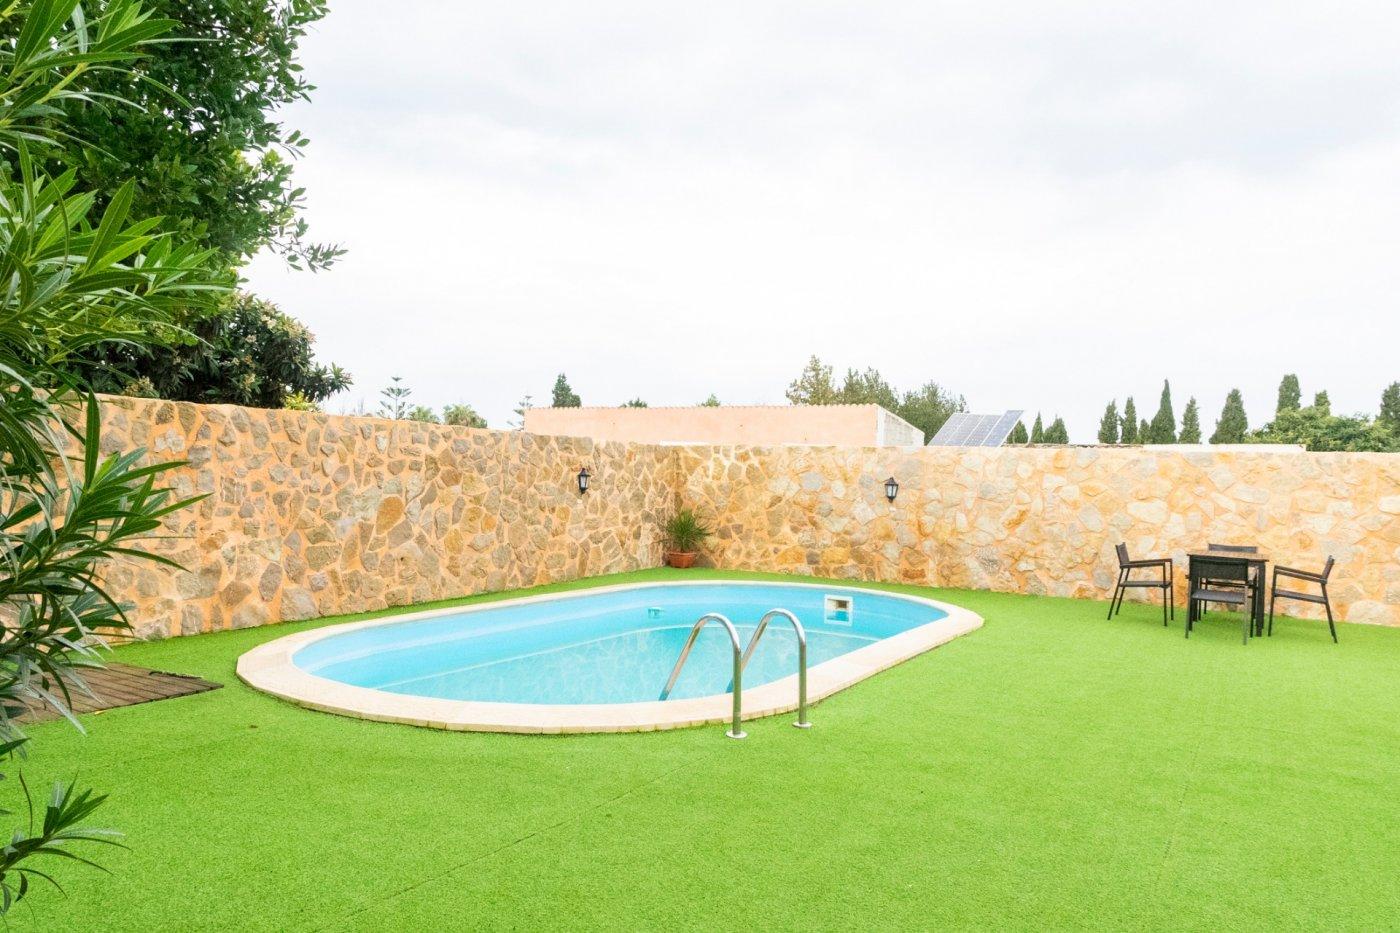 Chalet unifamiliar en manacor. espectacular vivienda independiente con piscina y mucha tra - imagenInmueble10